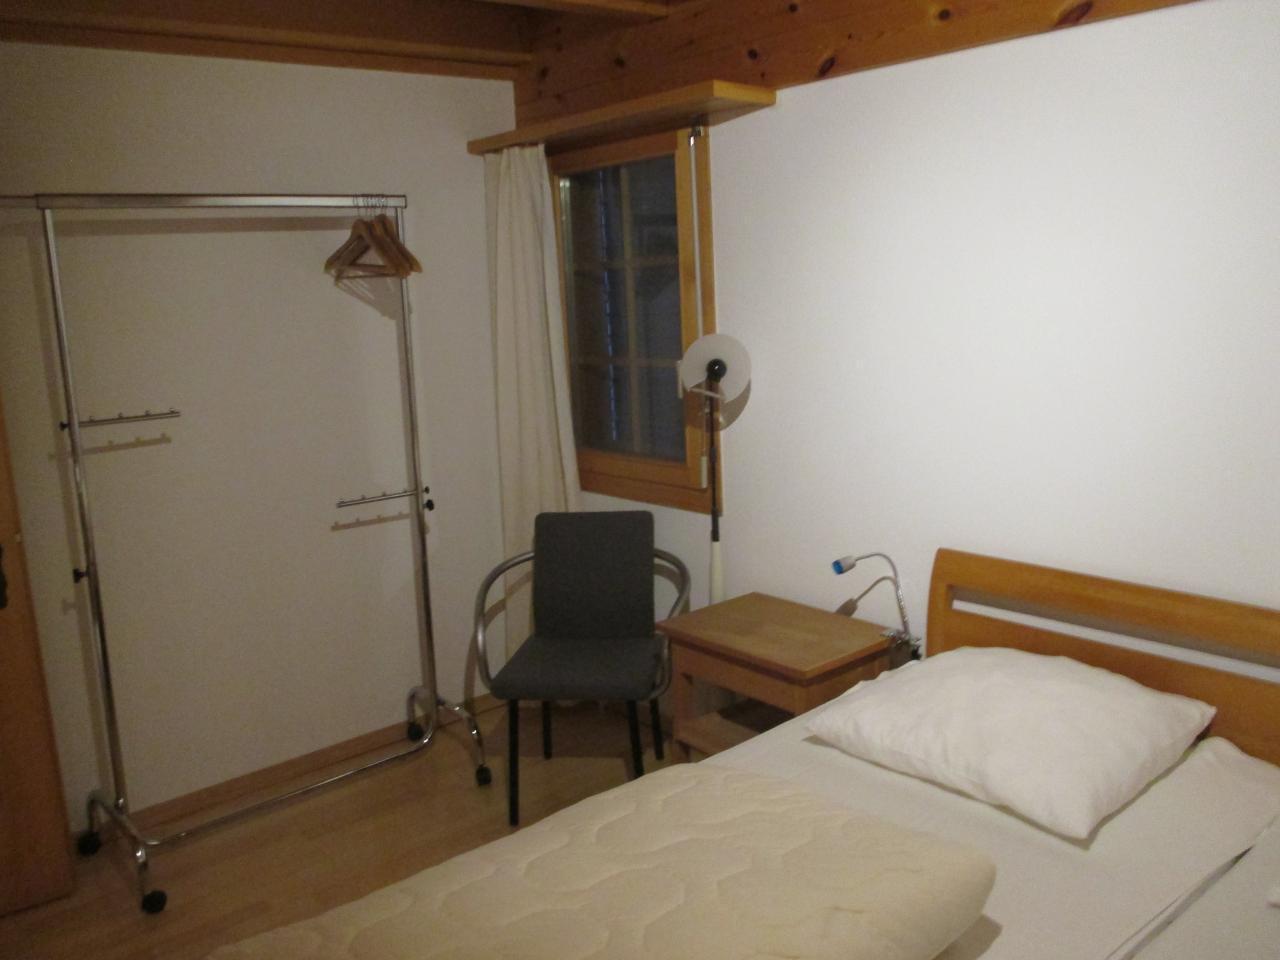 Appartement de vacances Fewo Belstar DG West (2542780), Bellwald, Aletsch - Conches, Valais, Suisse, image 10